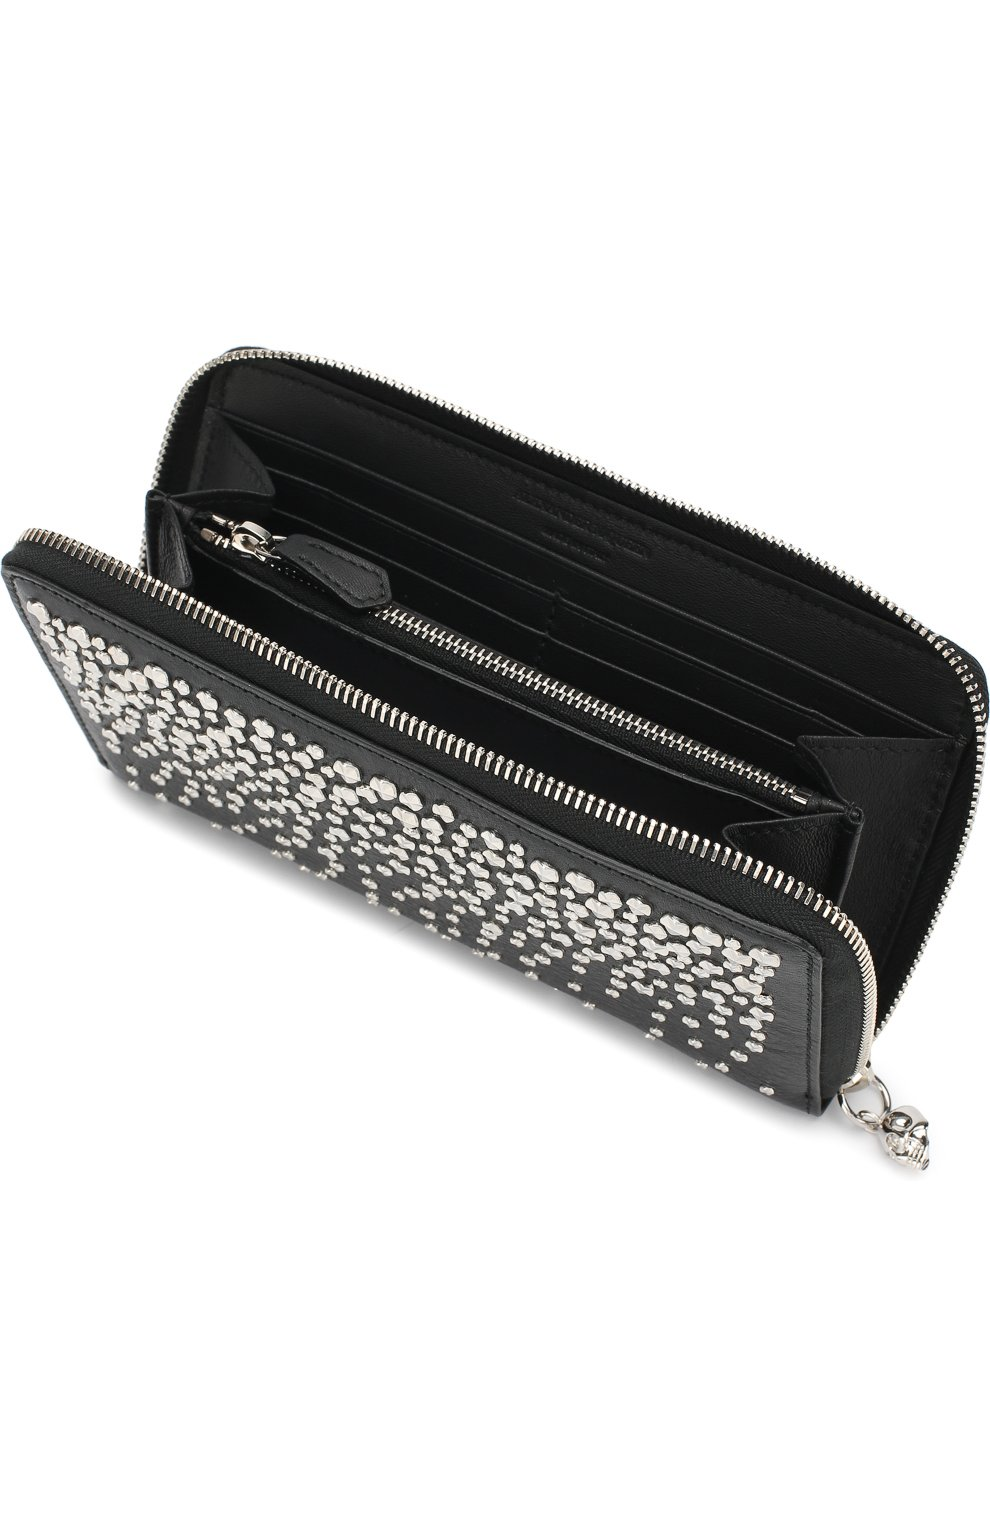 Кожаный кошелек на молнии с металлическими заклепками   Фото №3